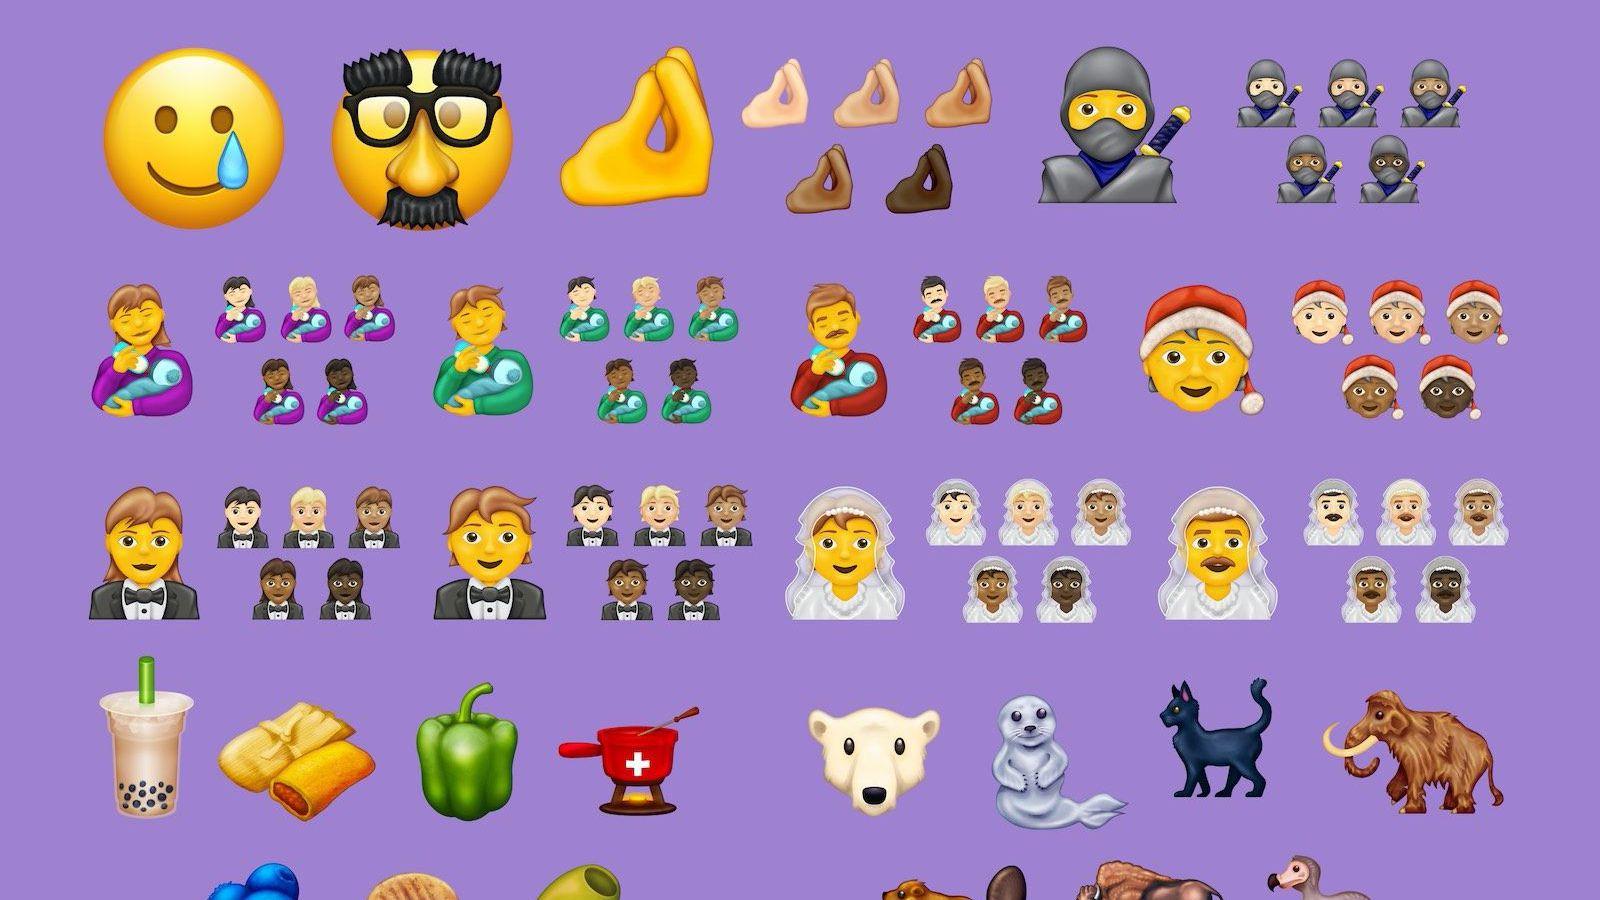 Pc emojis tinder diamond